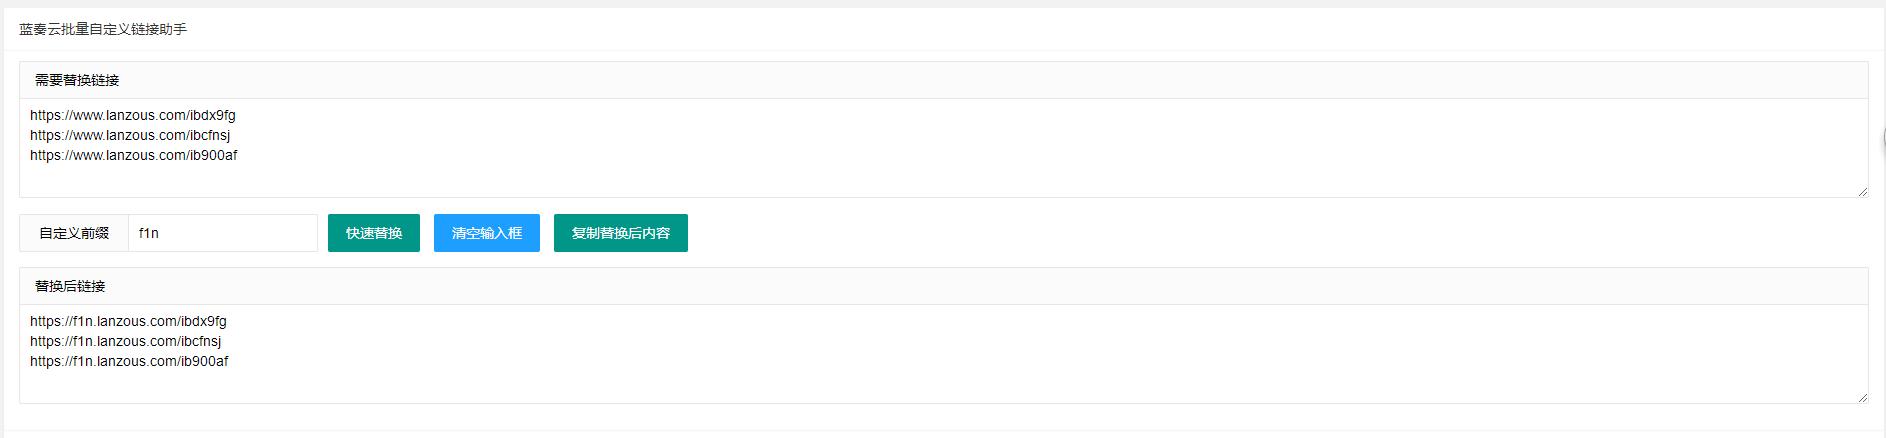 蓝奏批量自定义域名替换源码